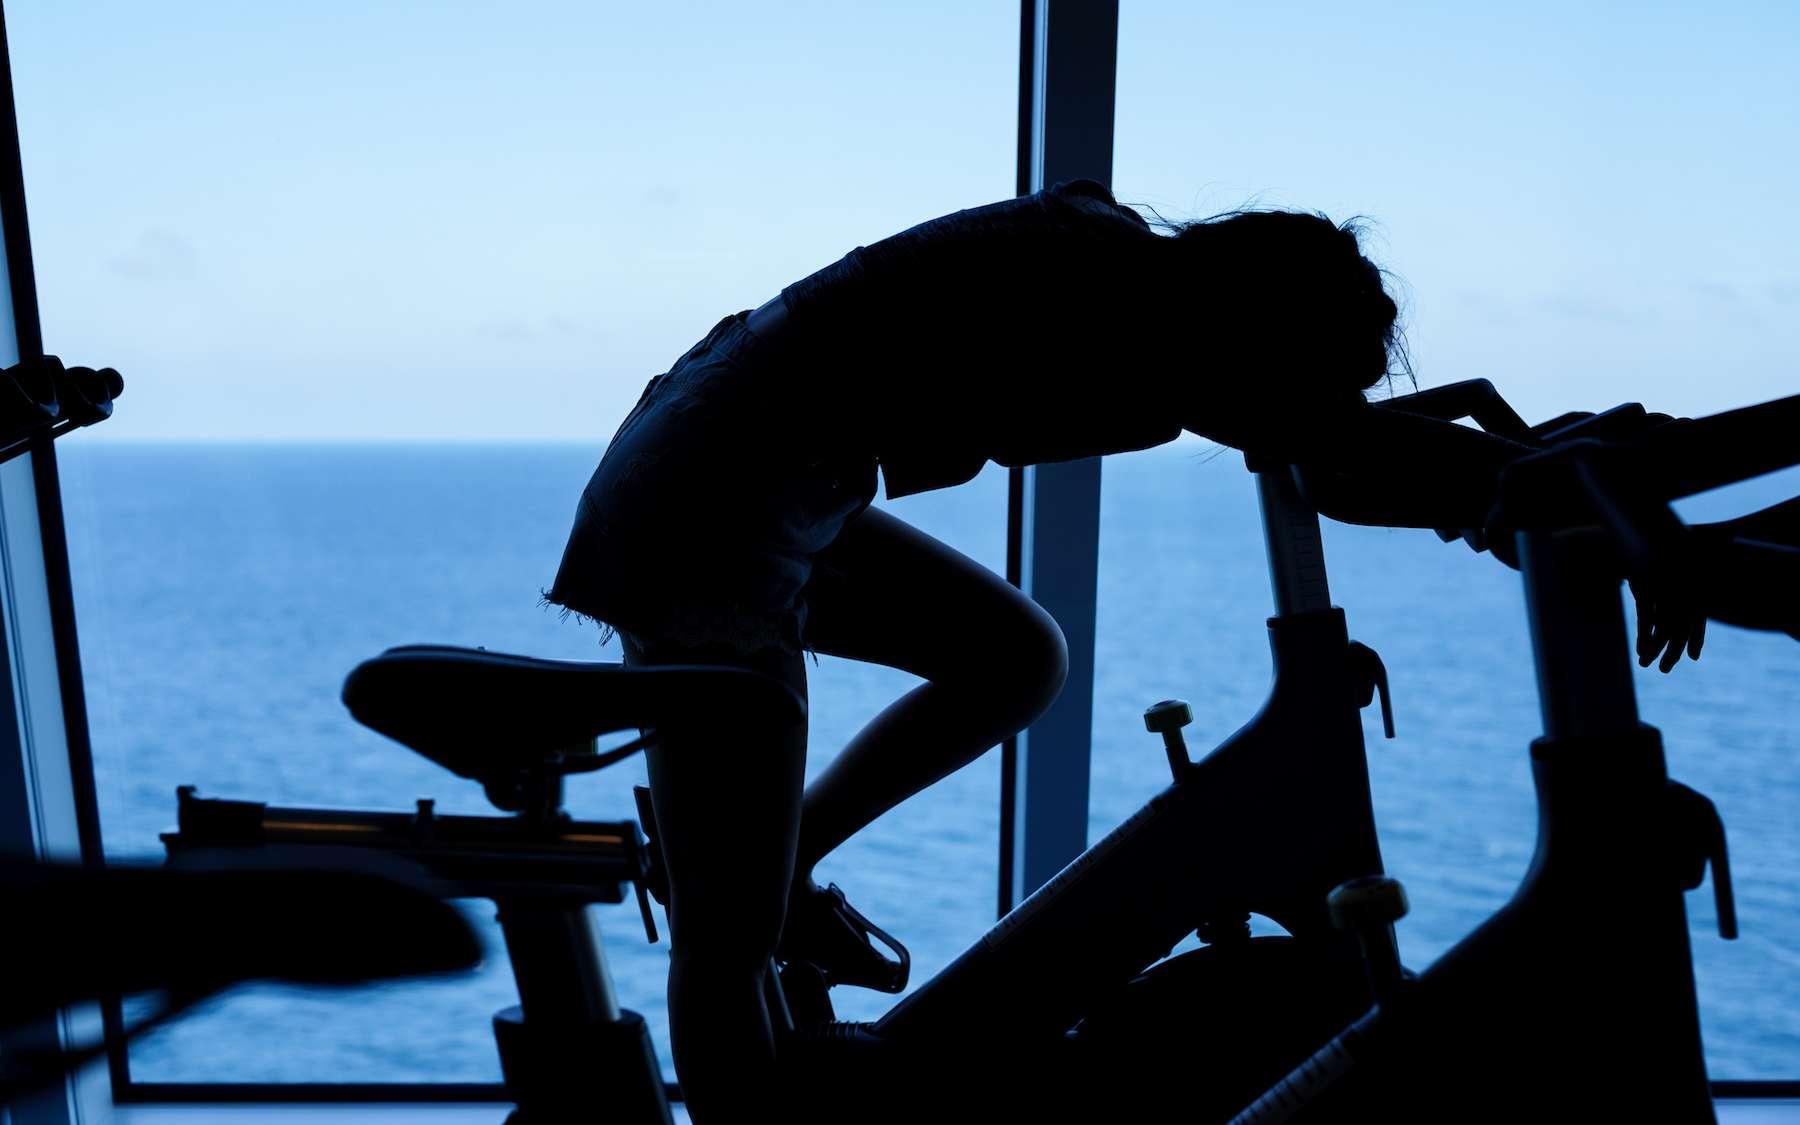 Le sport trop intensif pourrait favoriser le diabète. © marchsirawit, Adobe Stock